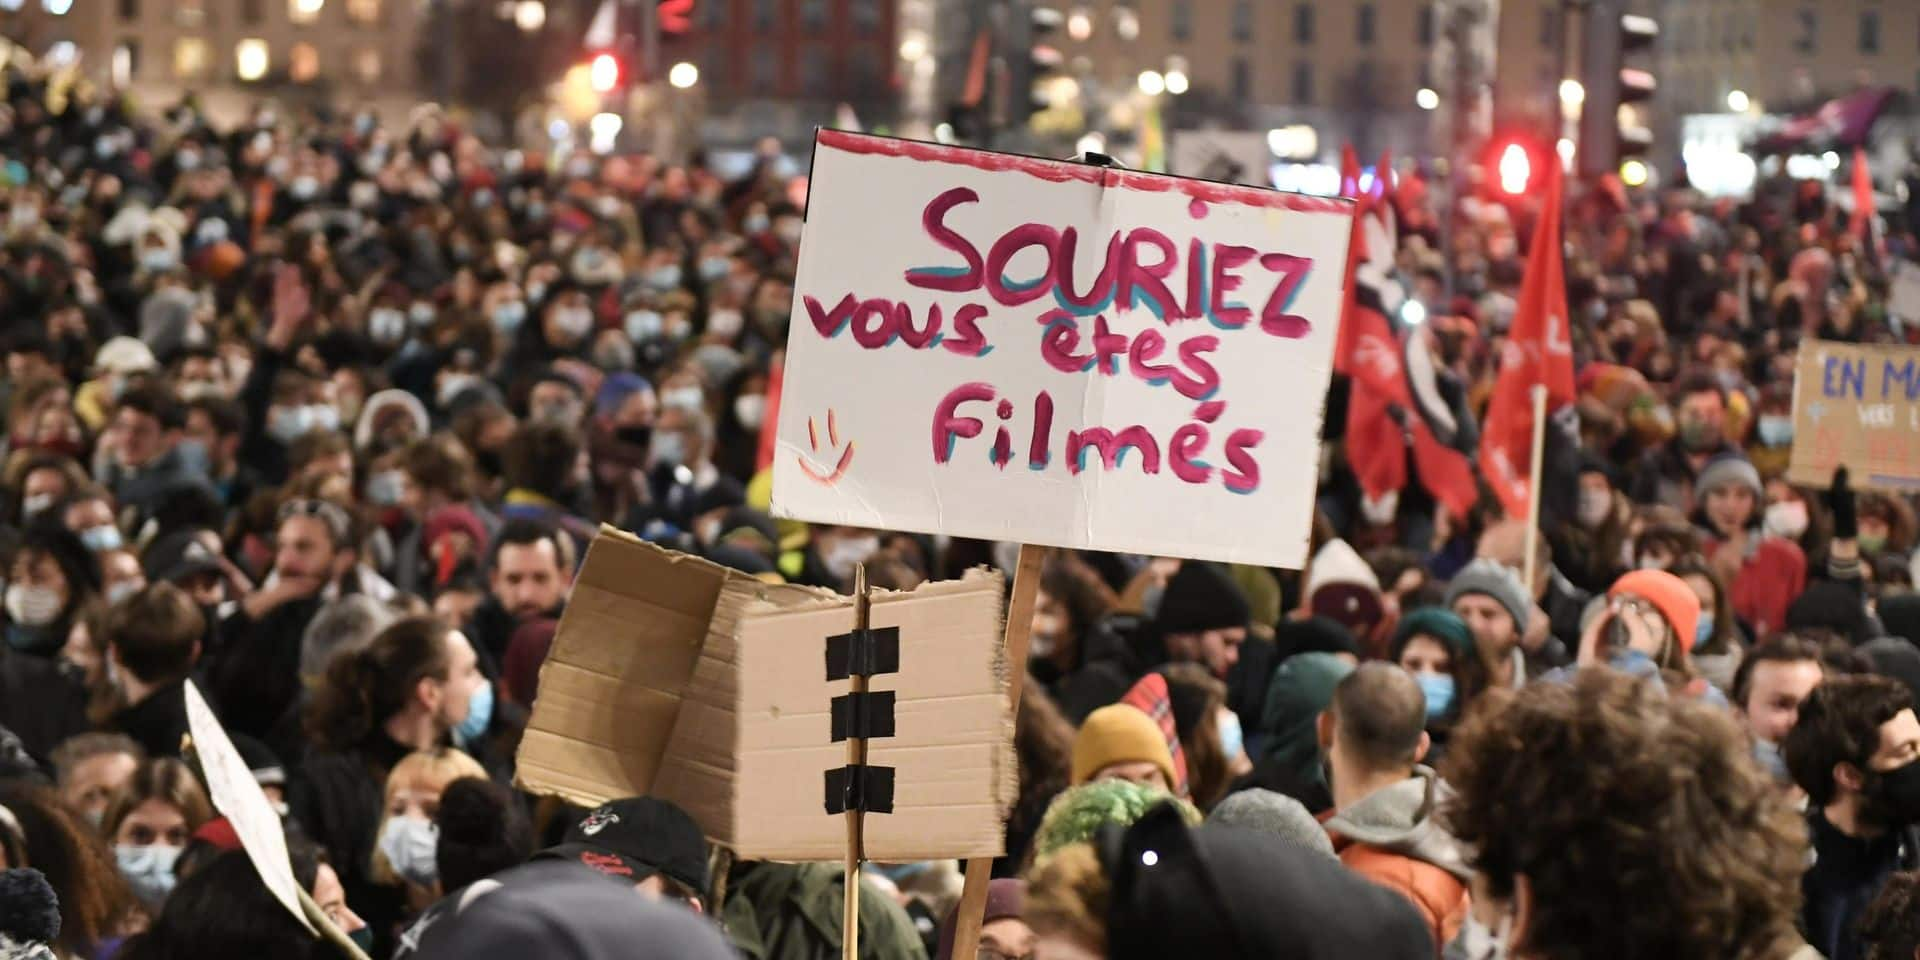 Des rapporteurs de l'ONU demandent à la France une révision de la loi sur la sécurité